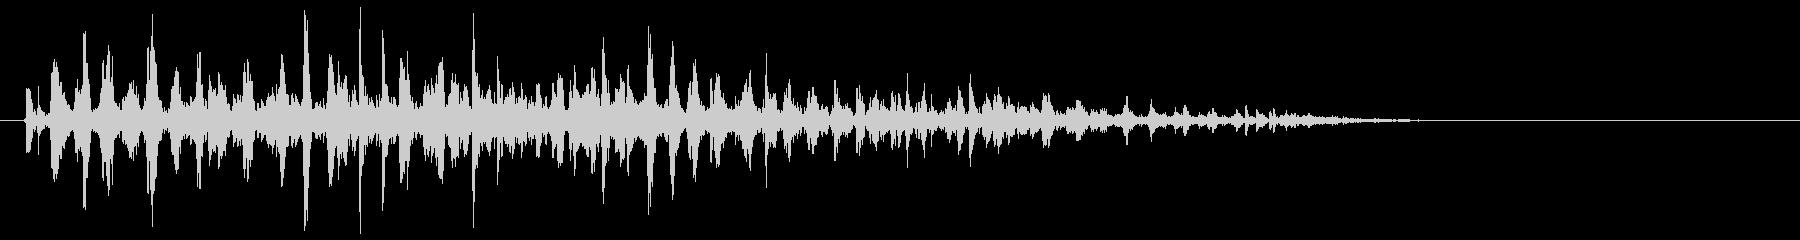 ブクブク(泡のような音) A02の未再生の波形